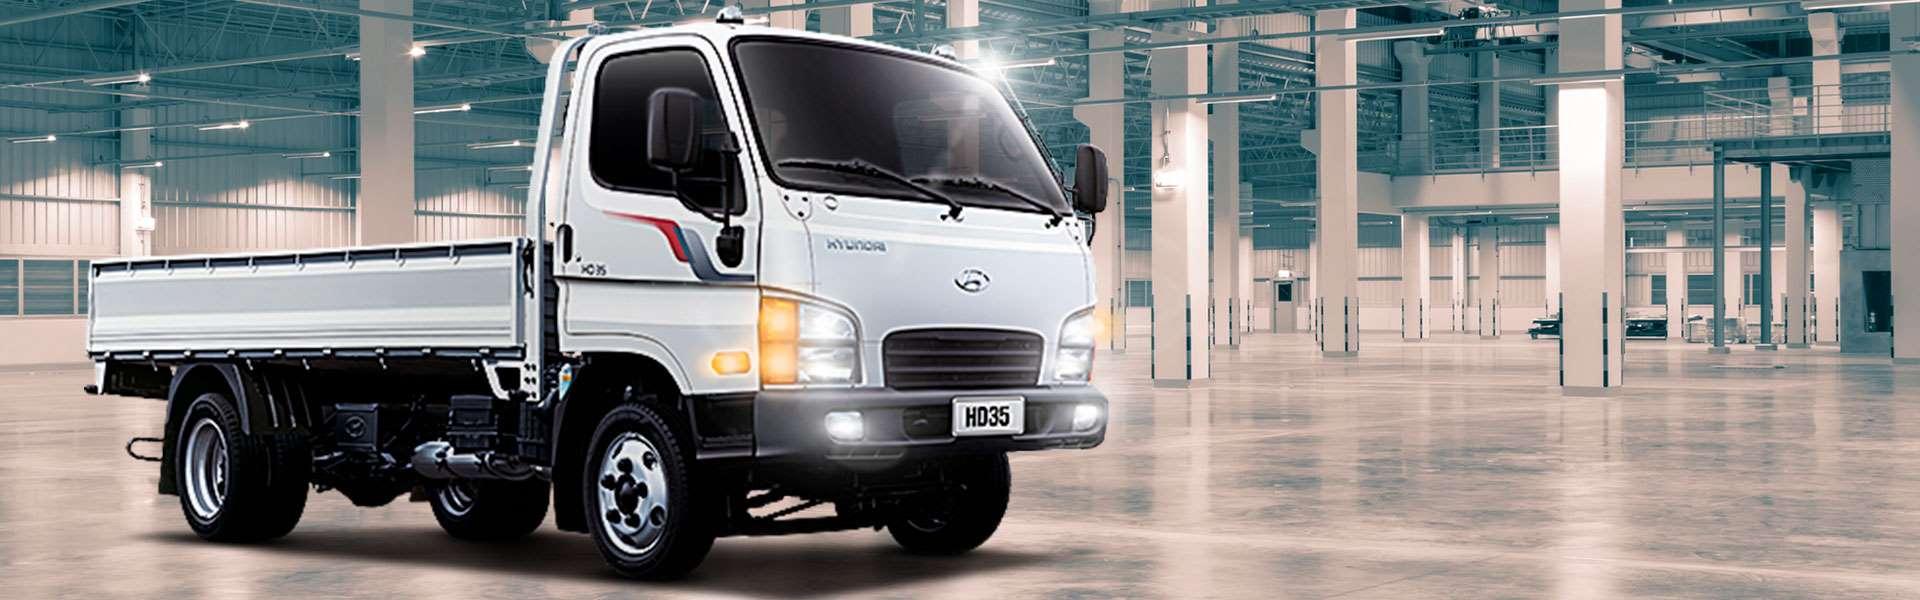 Hyundai HD35L